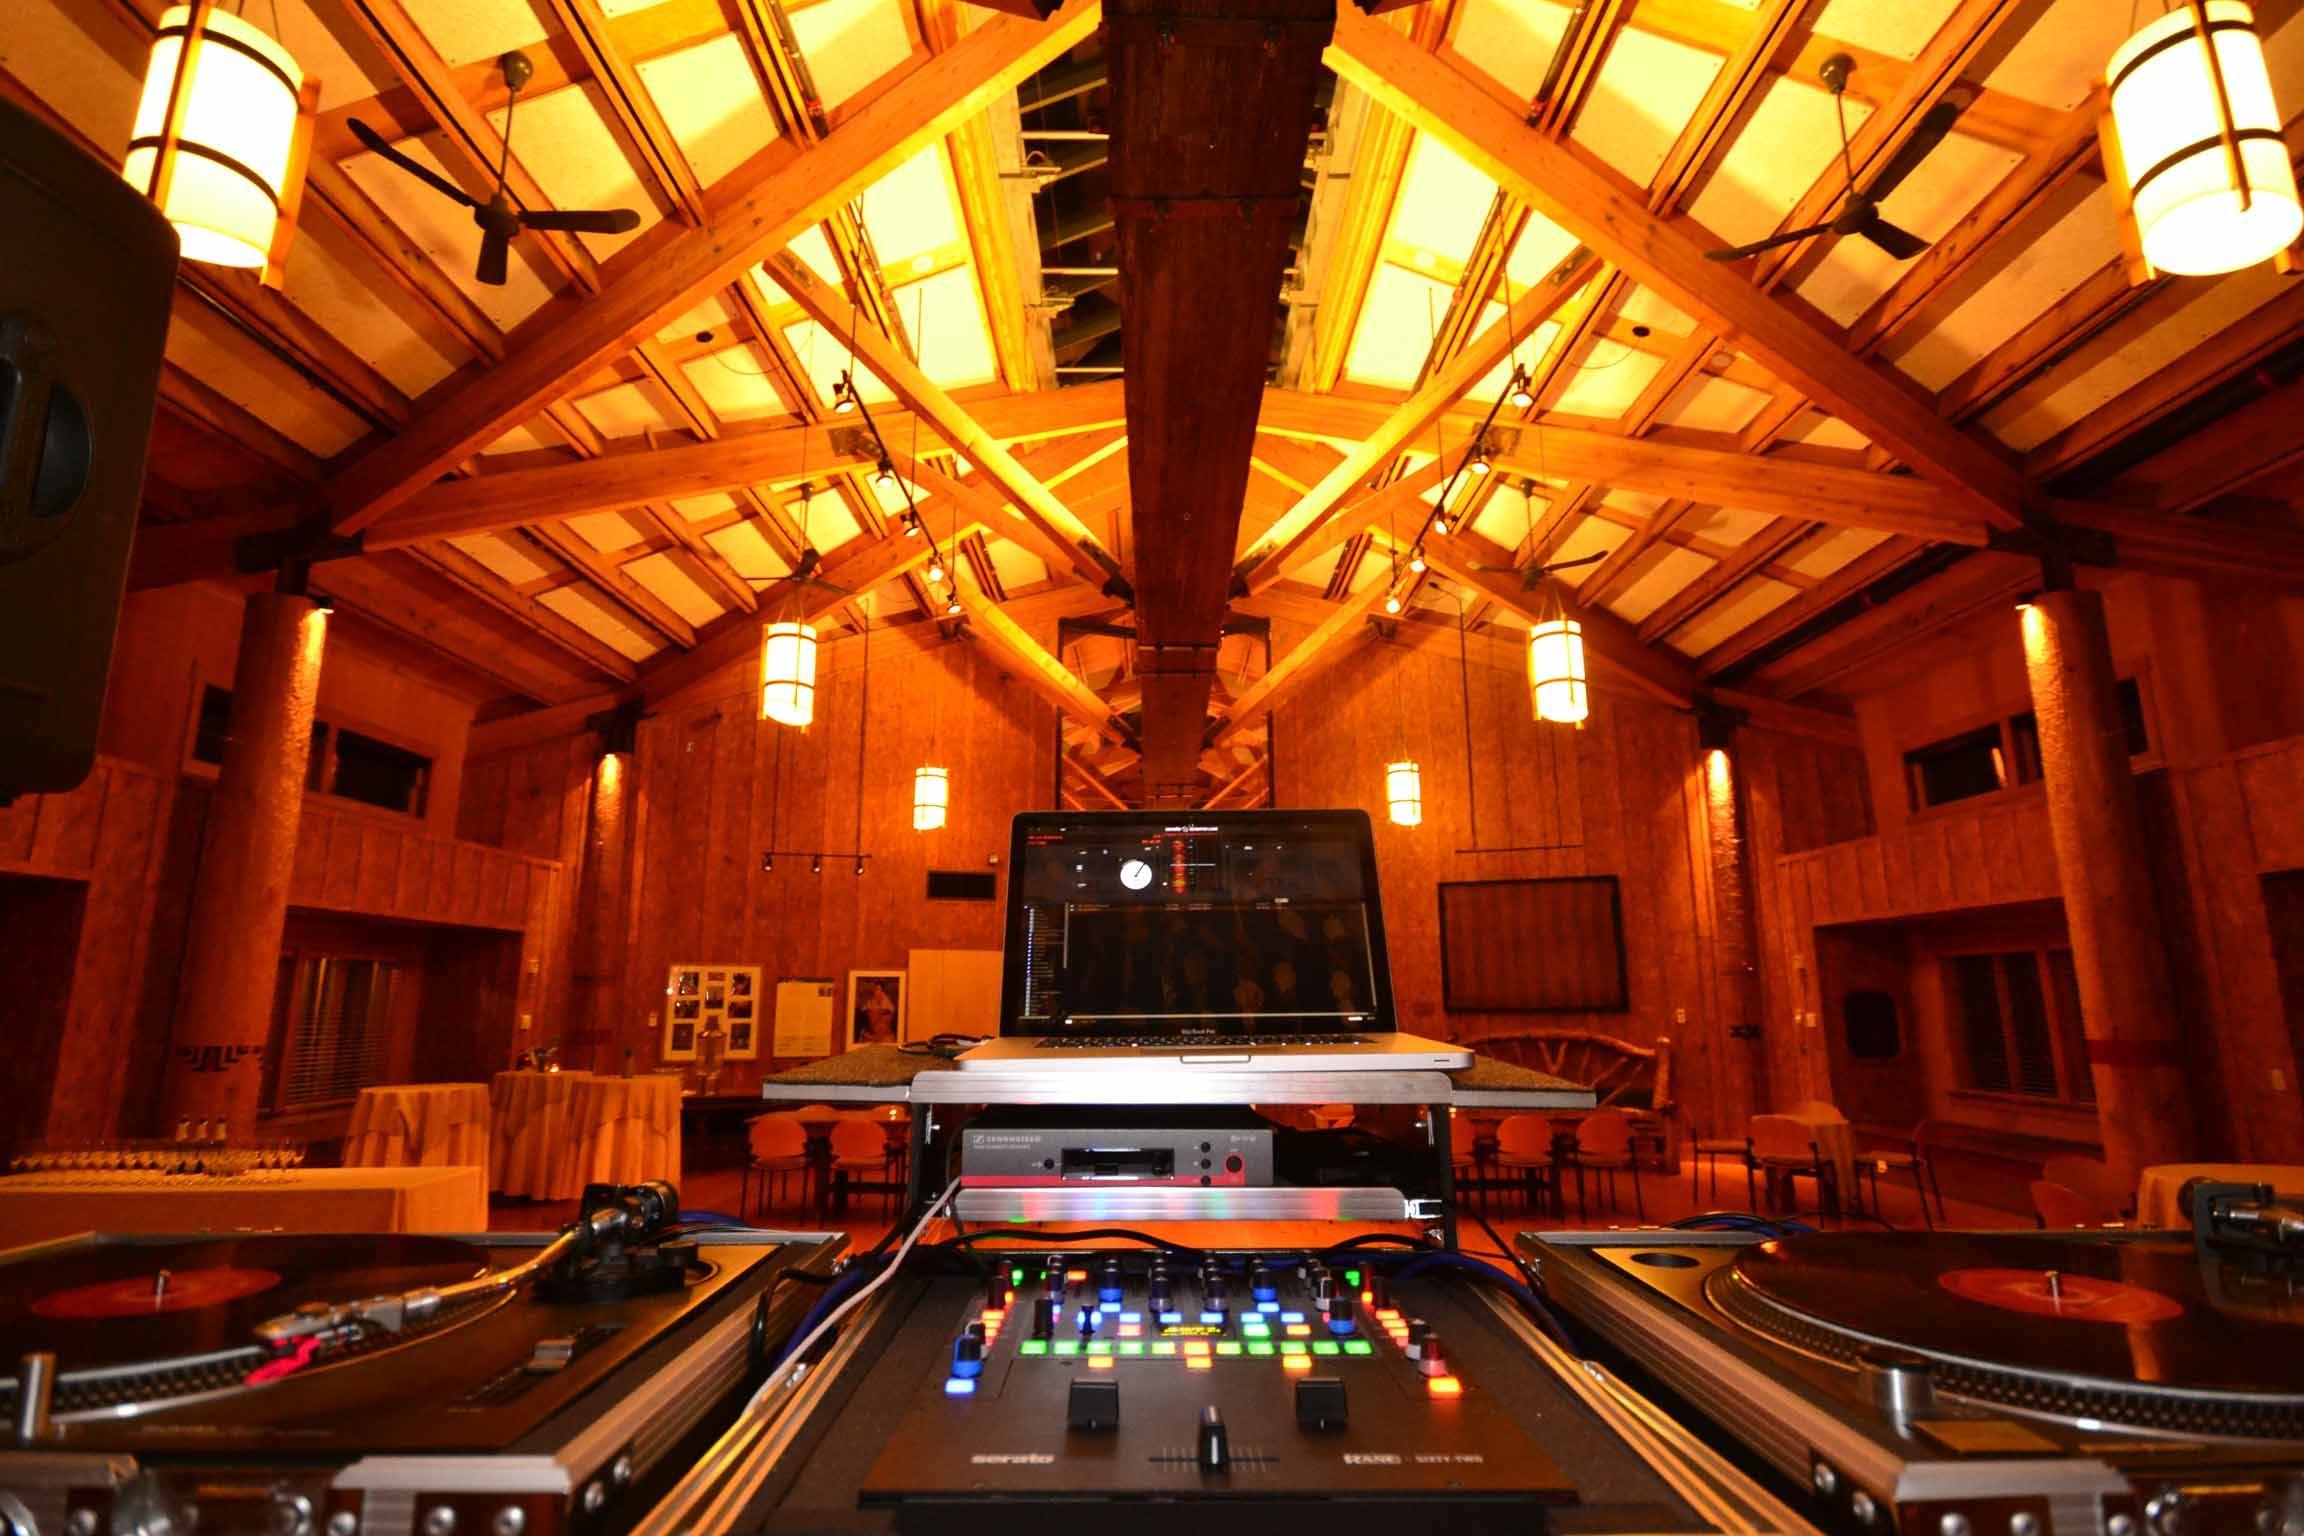 music masters wedding dj turntables